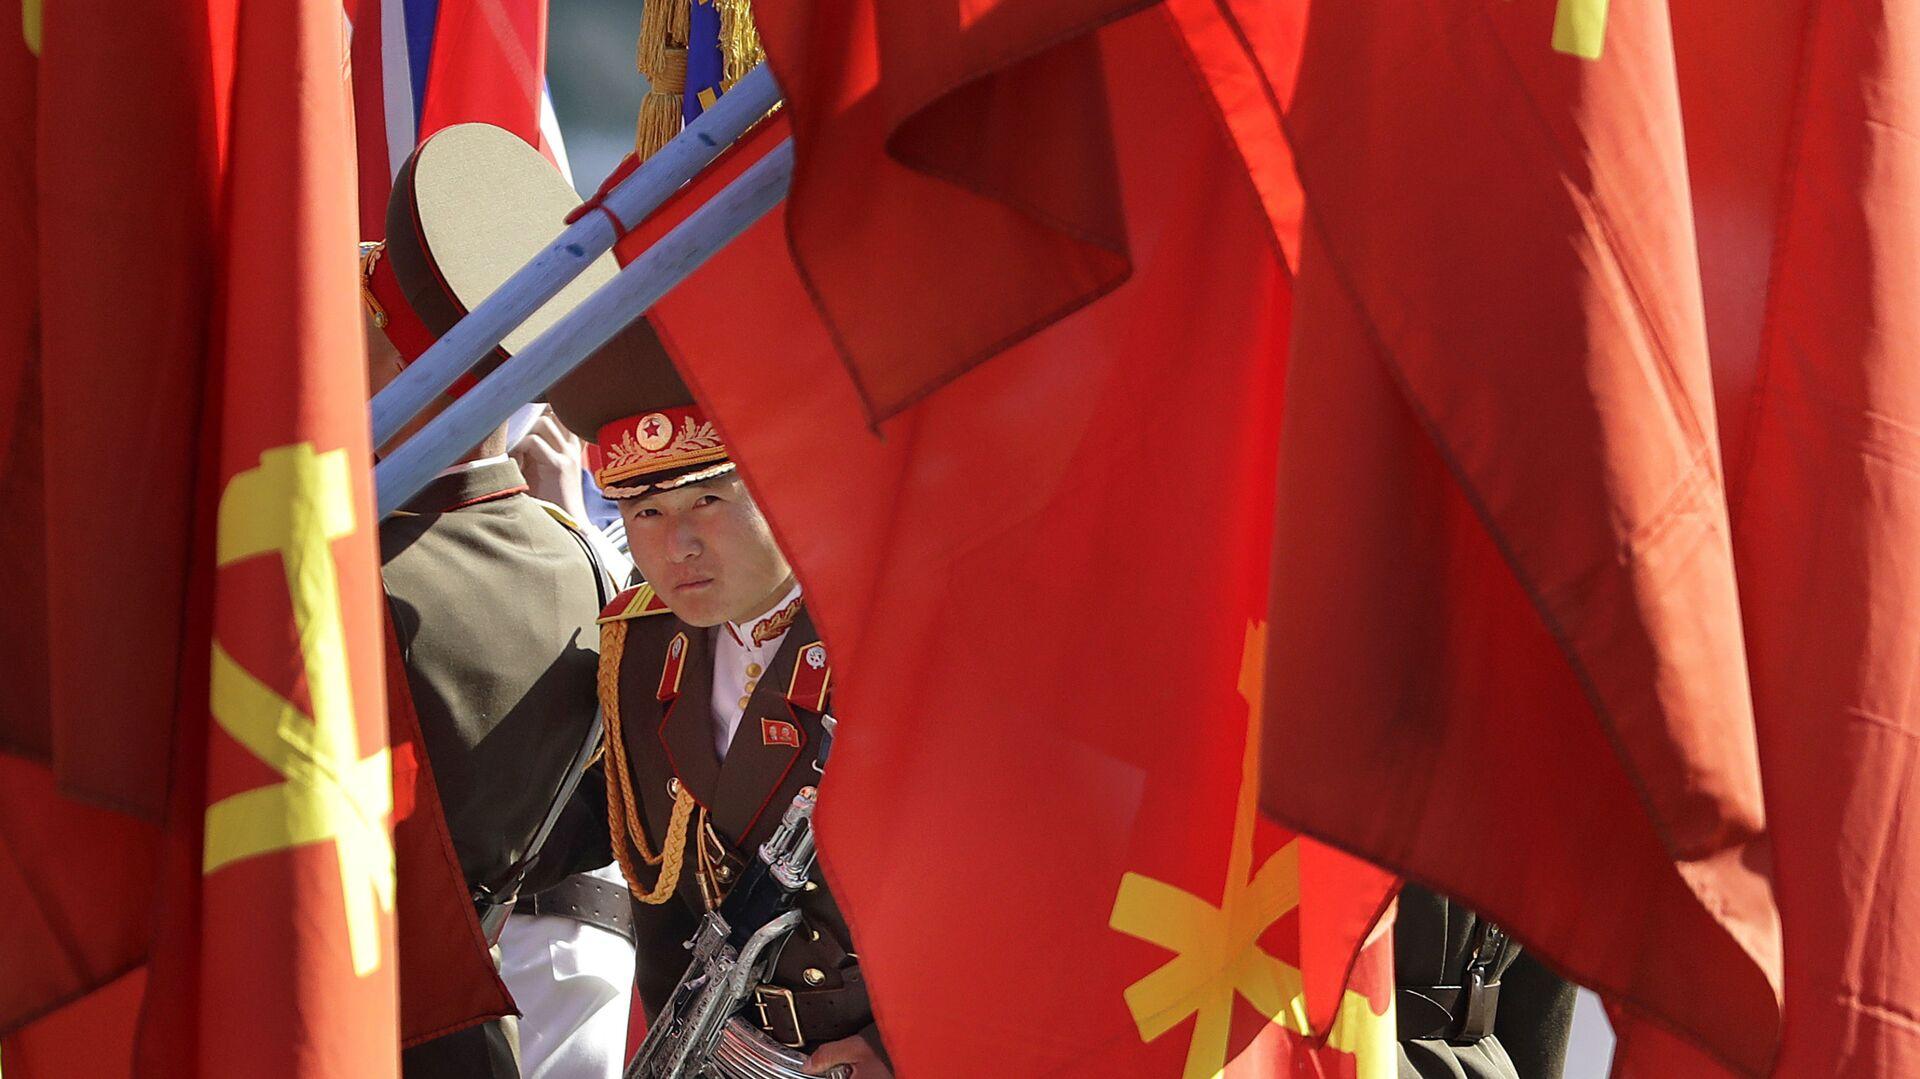 Severokorejský voják. Ilustrační foto - Sputnik Česká republika, 1920, 13.09.2021